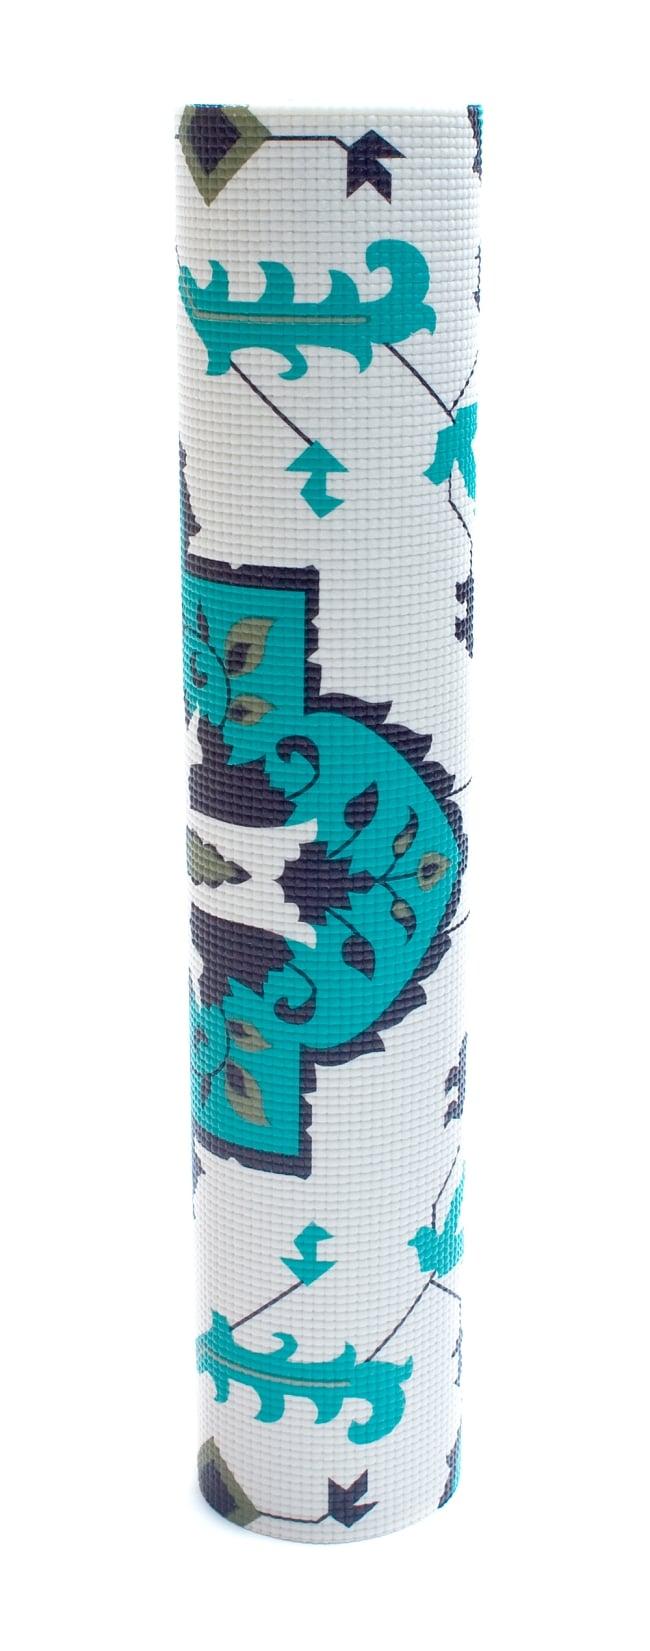 エスニック柄 ヨガマット(6mm) - ターコイズ 6 - 丸めてお部屋に置いておいても嬉しくなってしまう可愛さです!